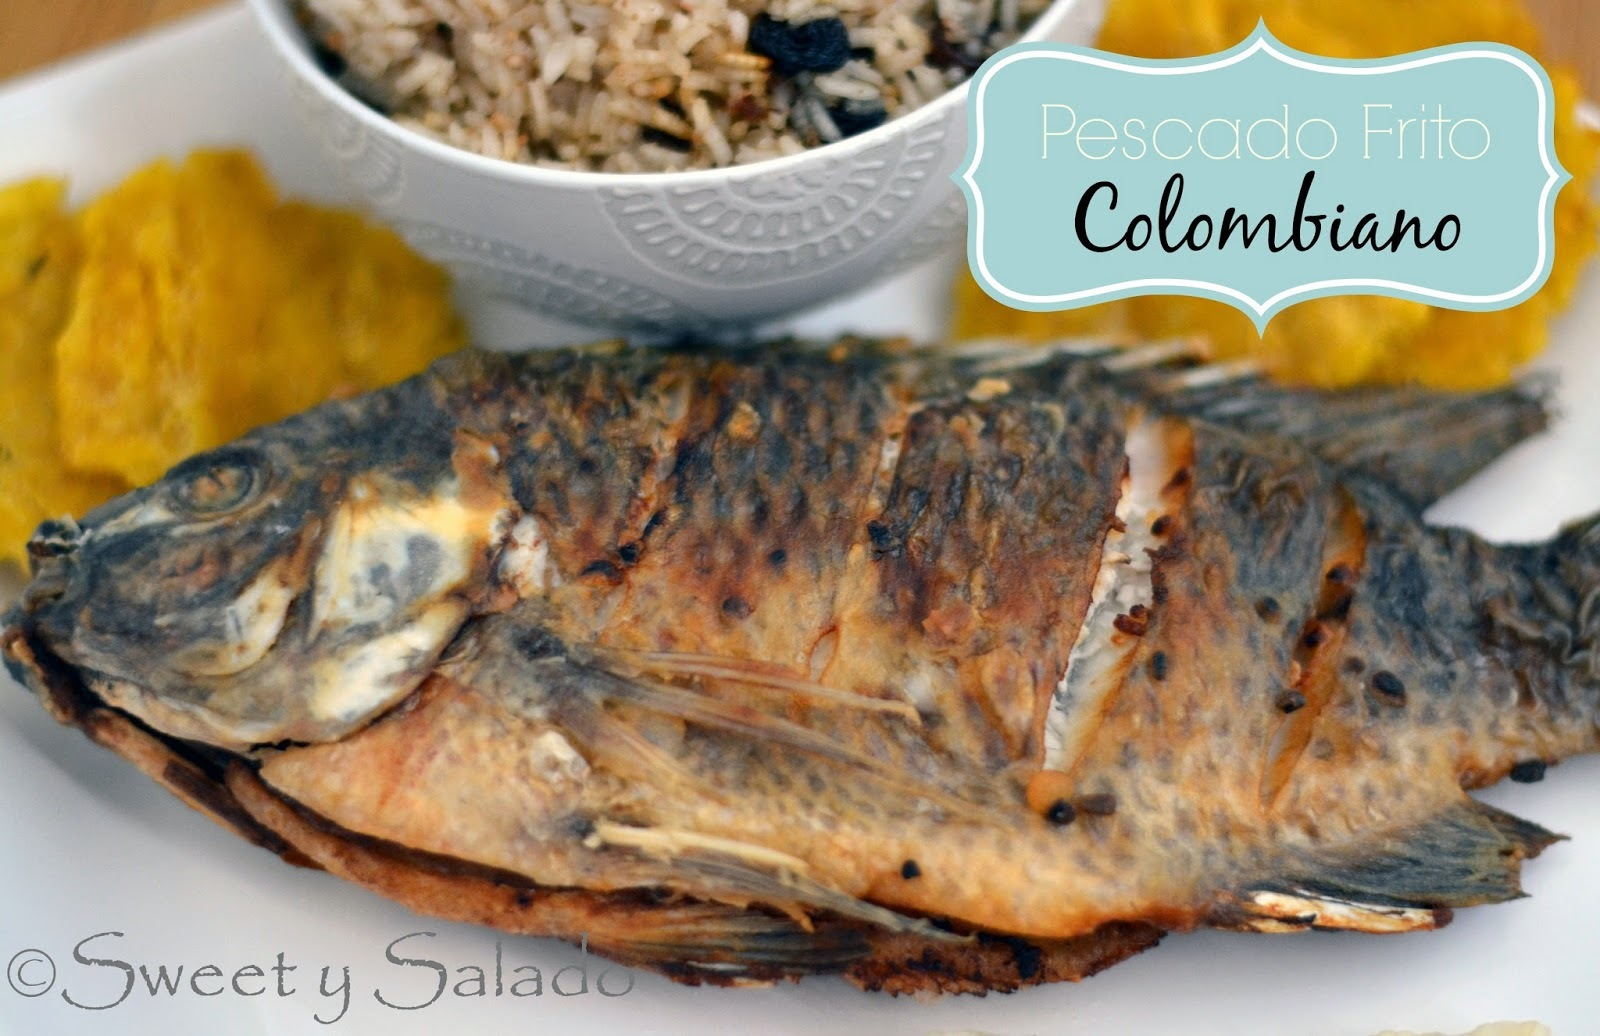 Pescado Frito Colombiano